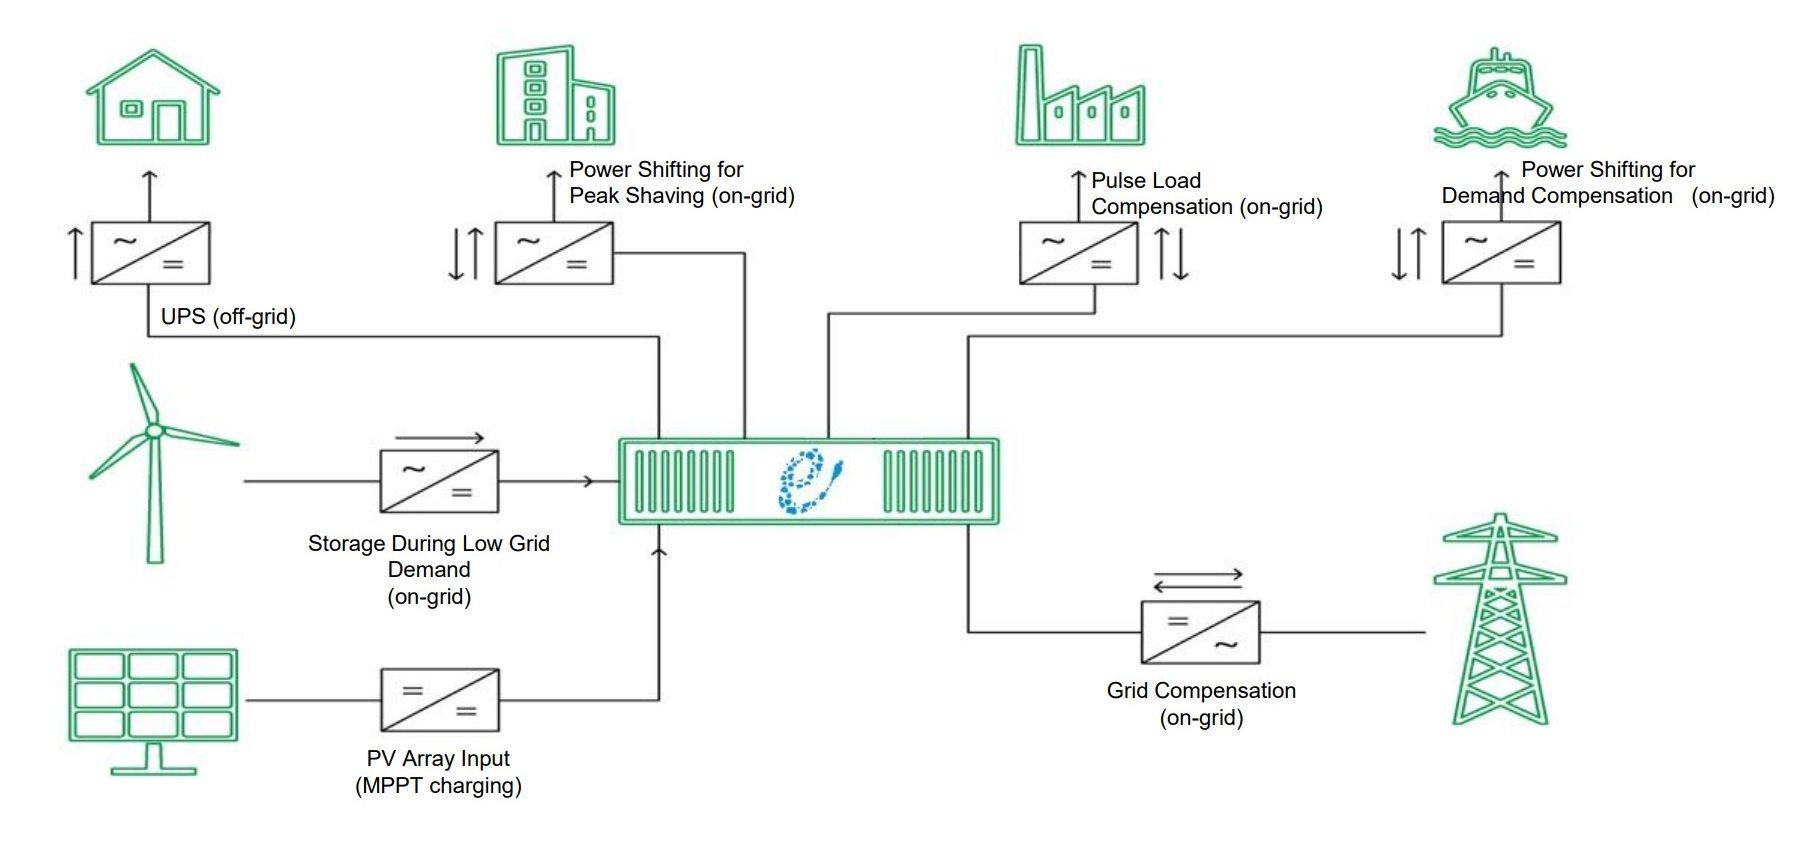 New Large Lithium Energy Storage System Sizes And Data Energy Storage Storage System Storage